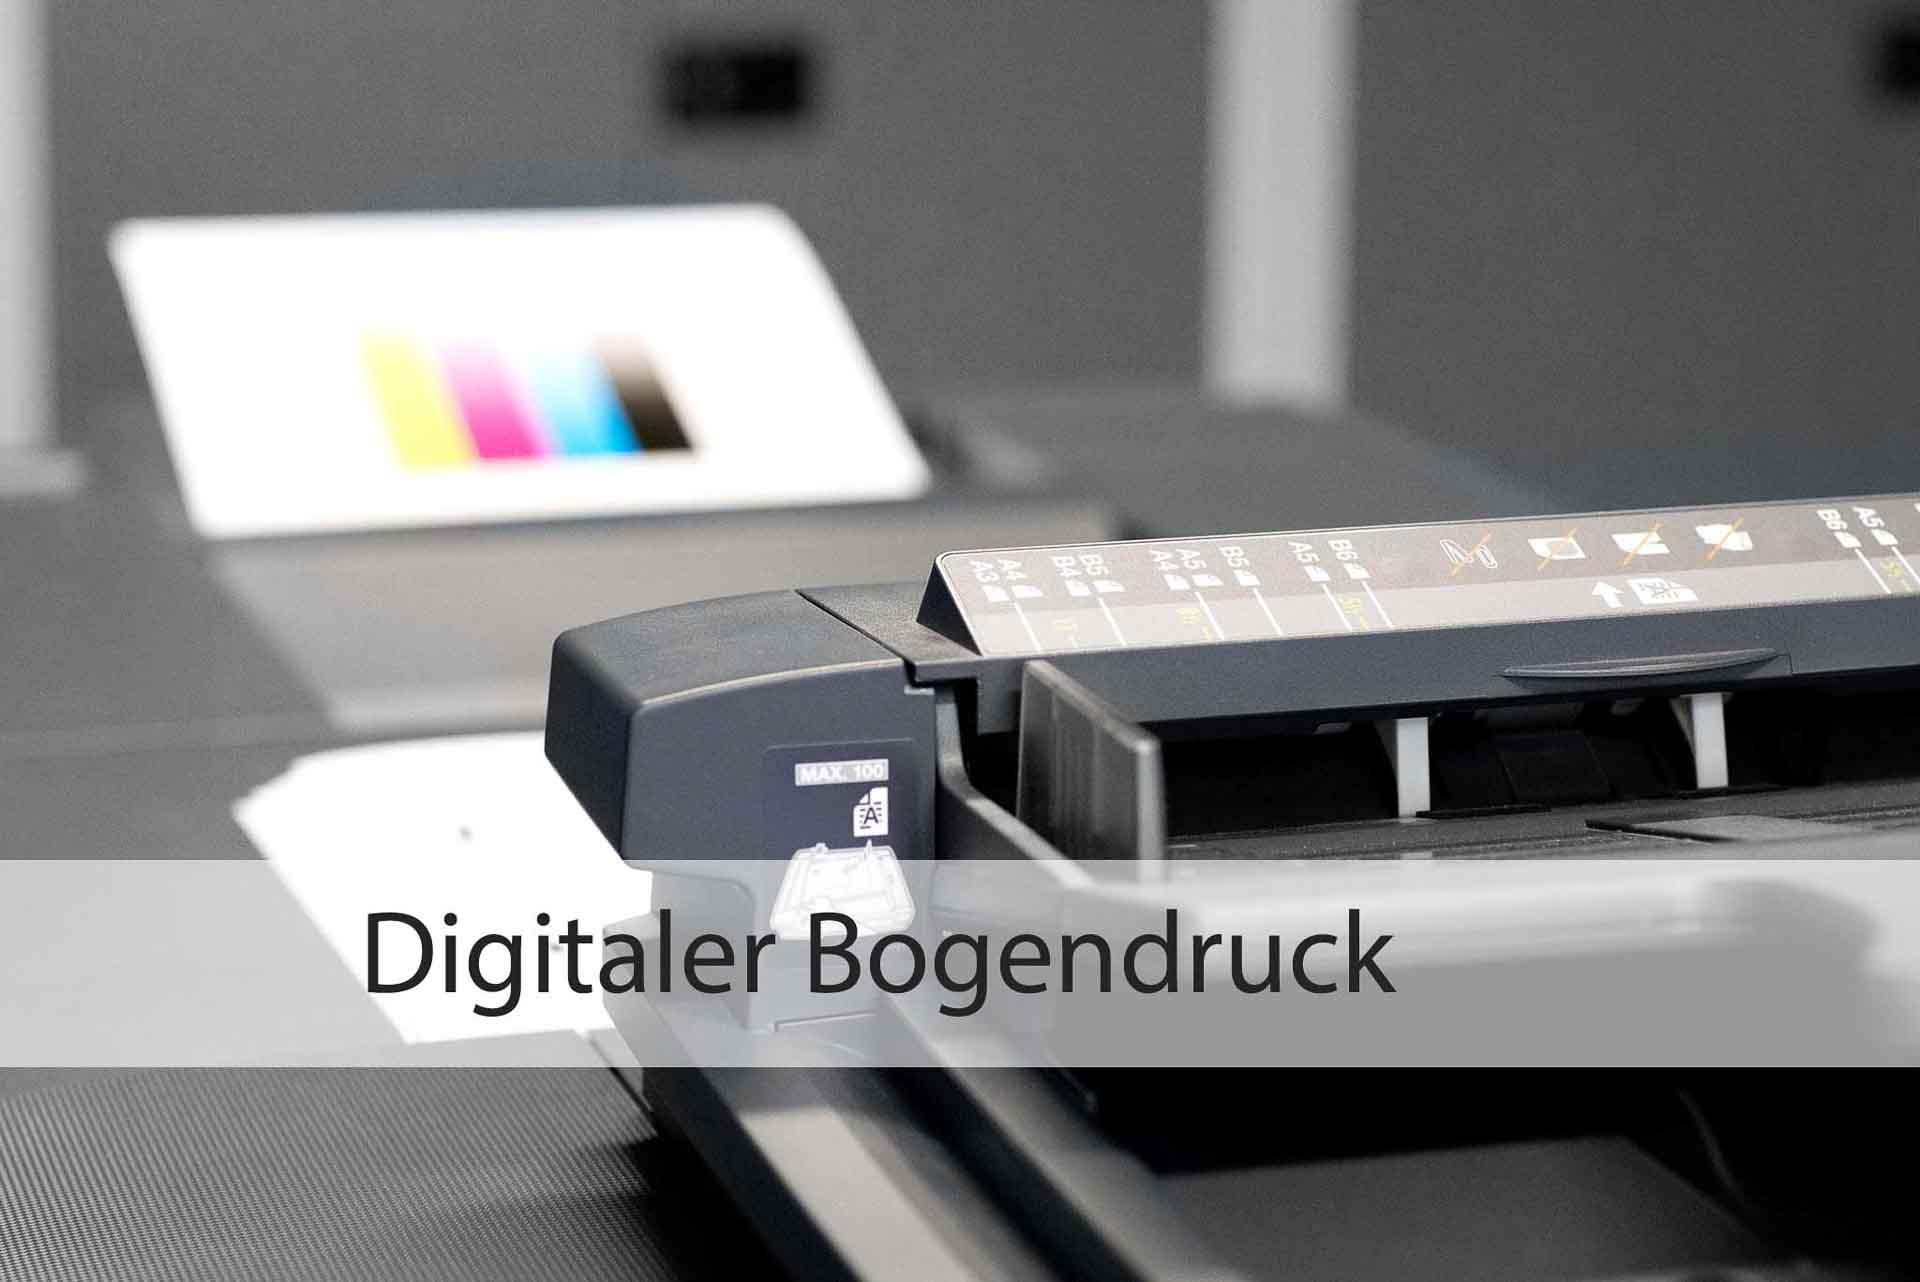 digitaler bogendruck etiketten und aufkleber in weinheim papier sch fer gmbh co kg. Black Bedroom Furniture Sets. Home Design Ideas